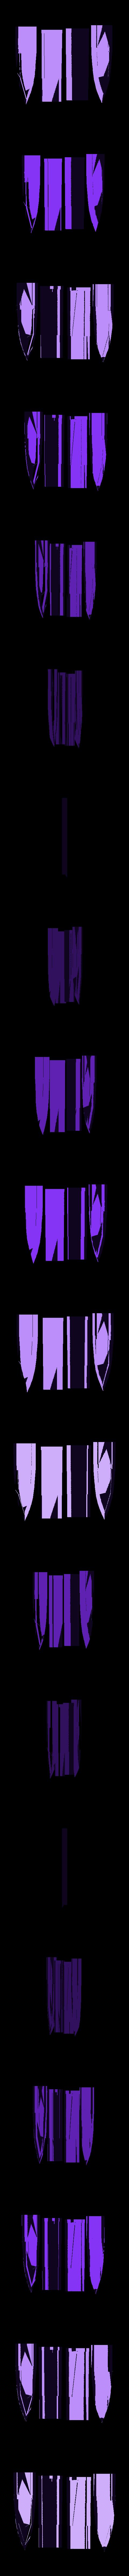 MS-Blade-Tip-Mid.stl Download free STL file LED Zelda Master • 3D printable template, Adafruit